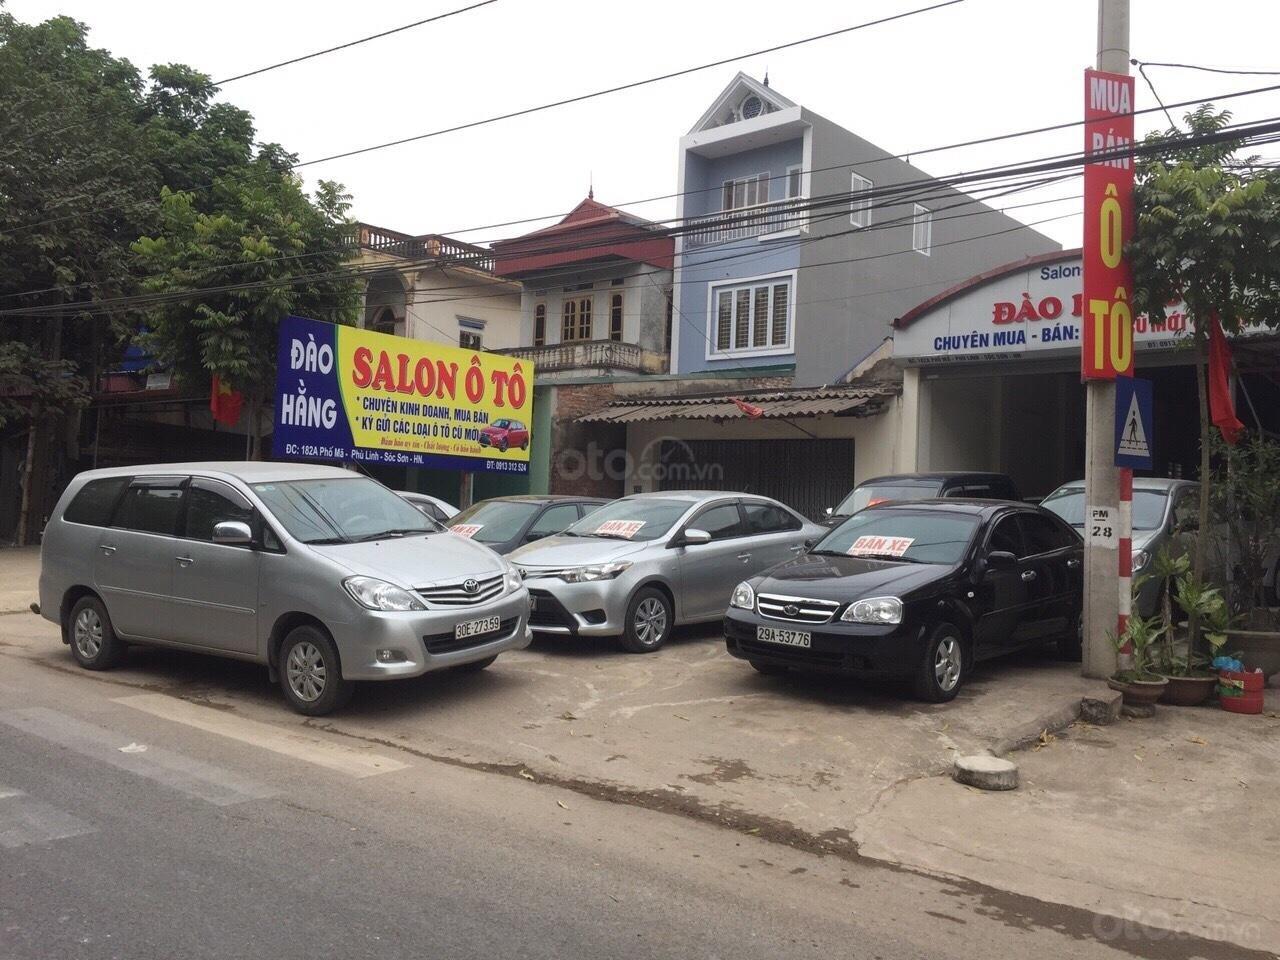 Salon Auto Đào Hằng (5)